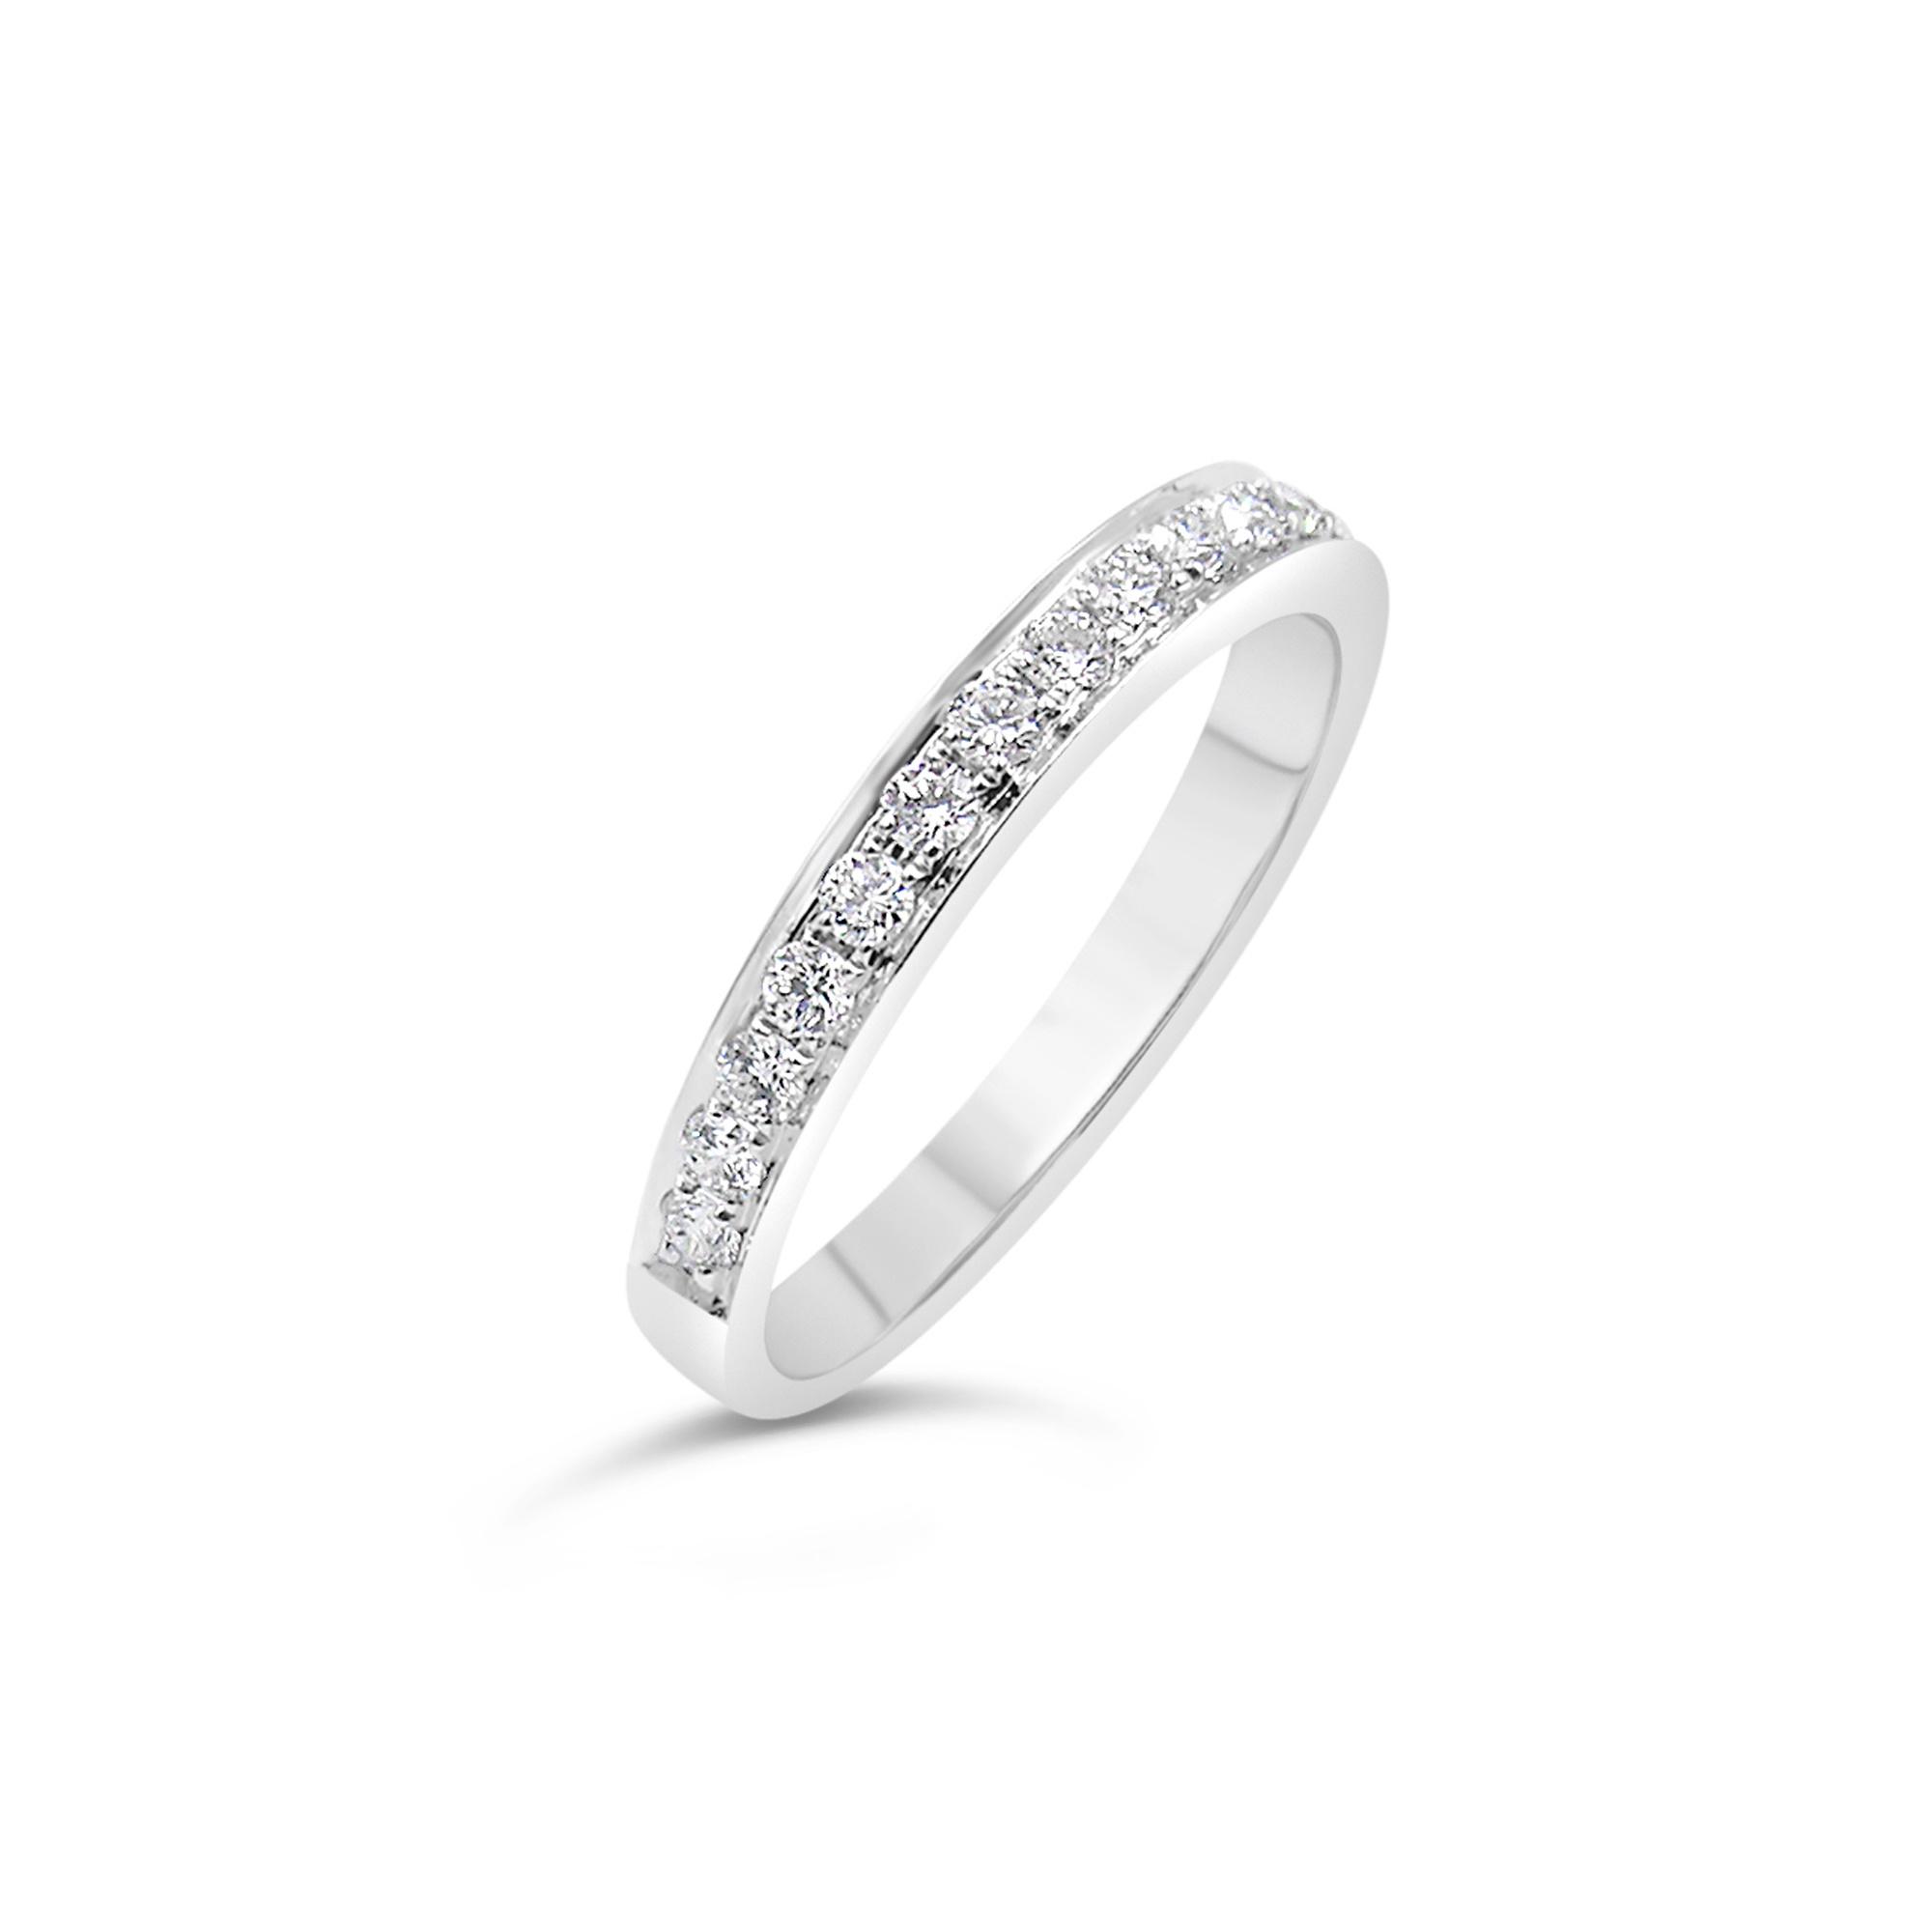 18k wit goud ring met 0.30 ct diamanten